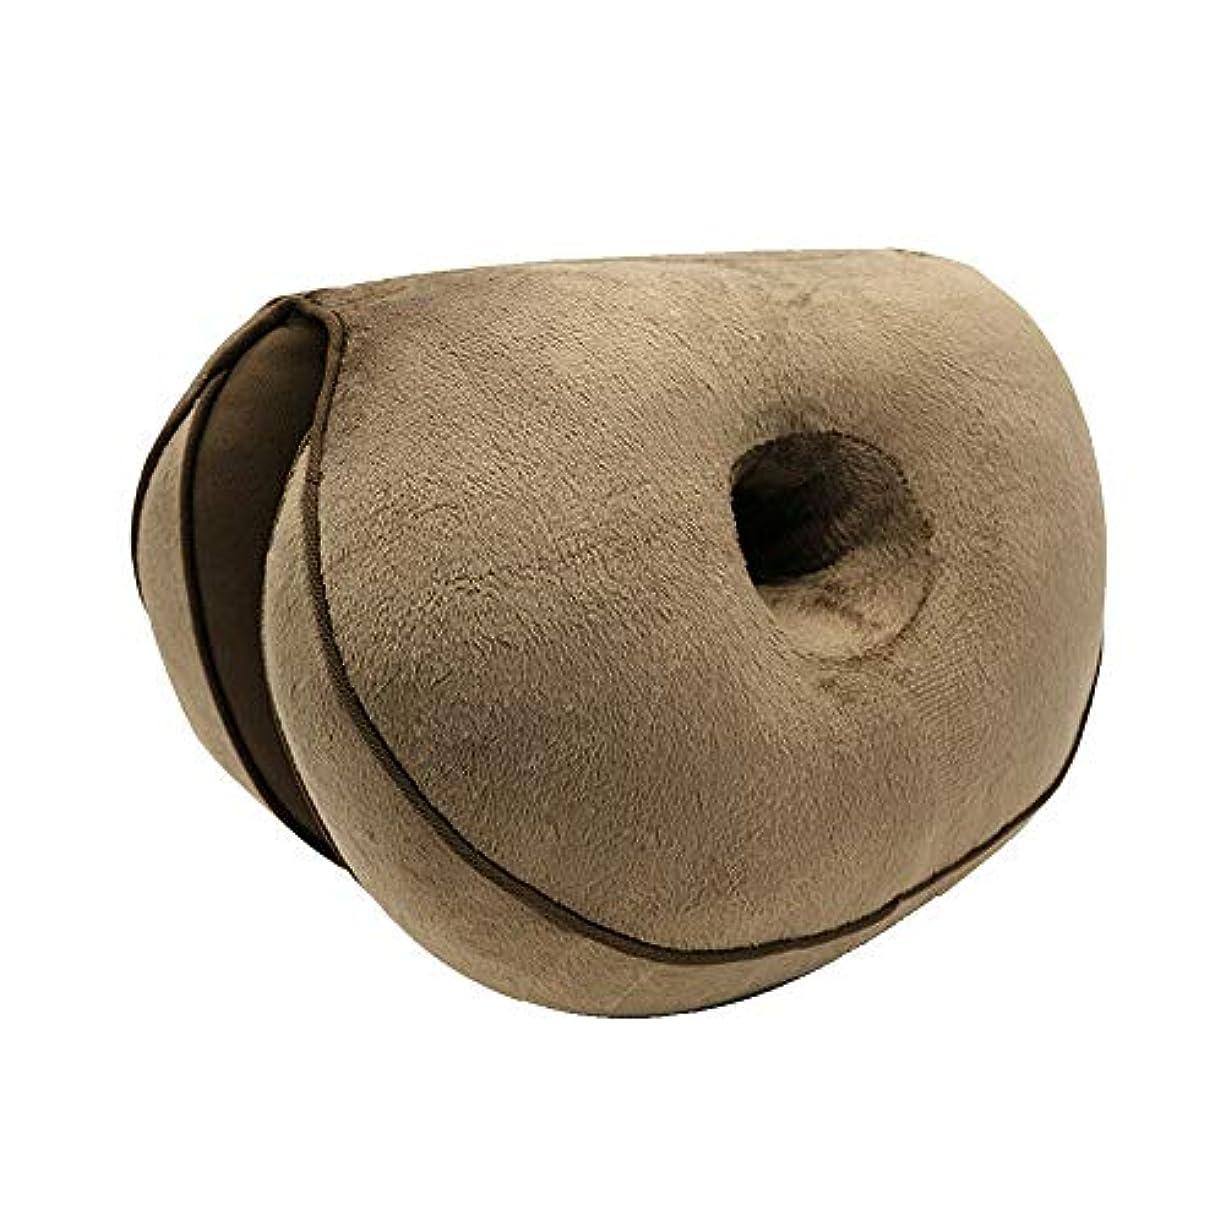 パンクラス判定LIFE 新デュアルシートクッション低反発ラテックスオフィスチェアバックシートクッション快適な臀部マットパッド枕旅行枕女性女の子 クッション 椅子